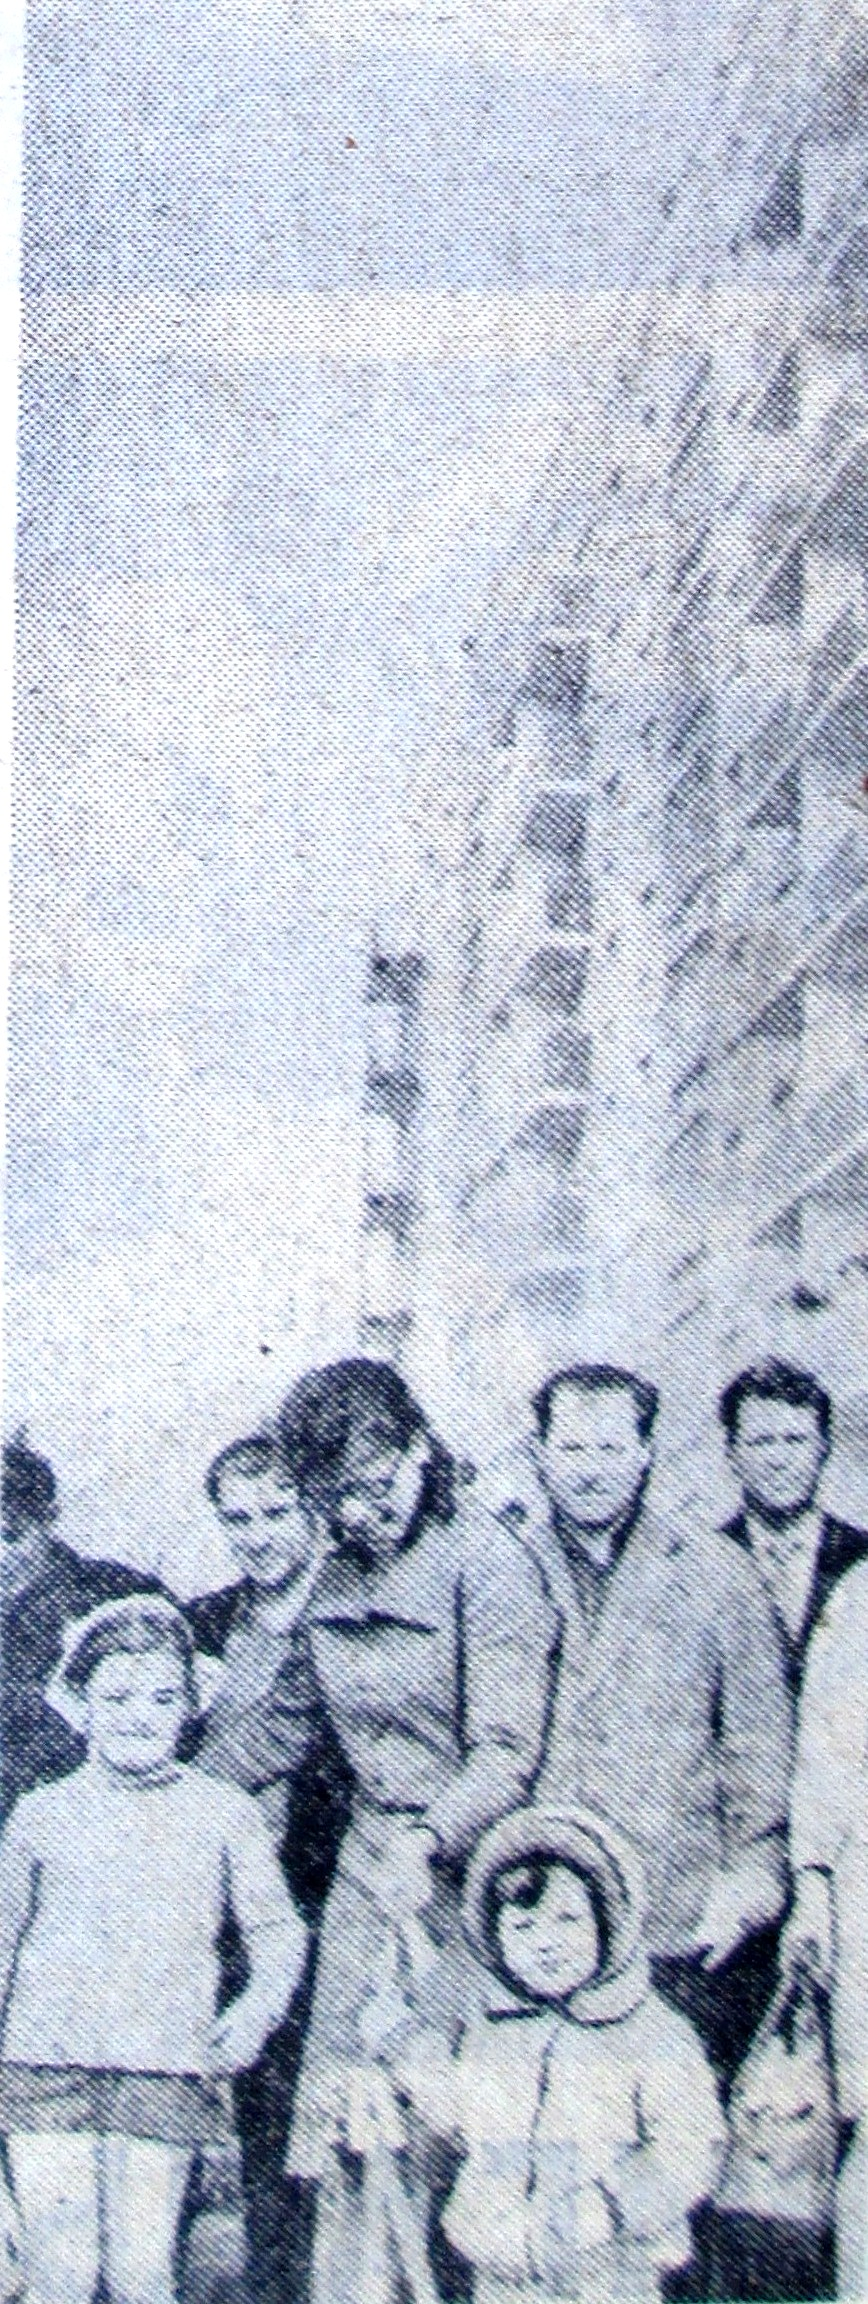 Новоселы жилого дома станкостроительного завода. Апрель 1976 года Жилмассиву Красный Камень в Днепре – 50 лет!